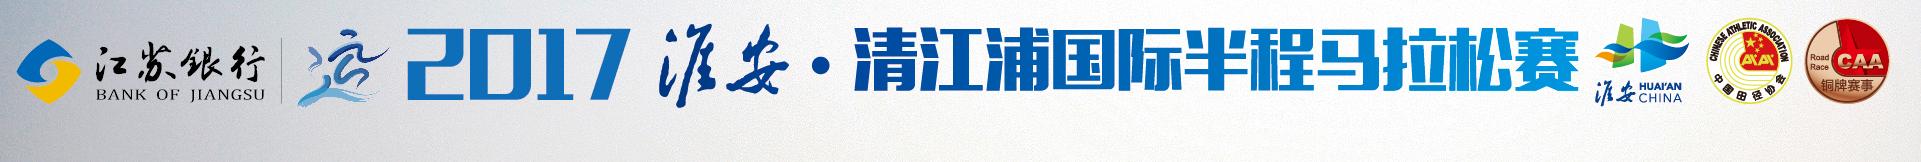 2017淮安·清江浦国际半程马拉松